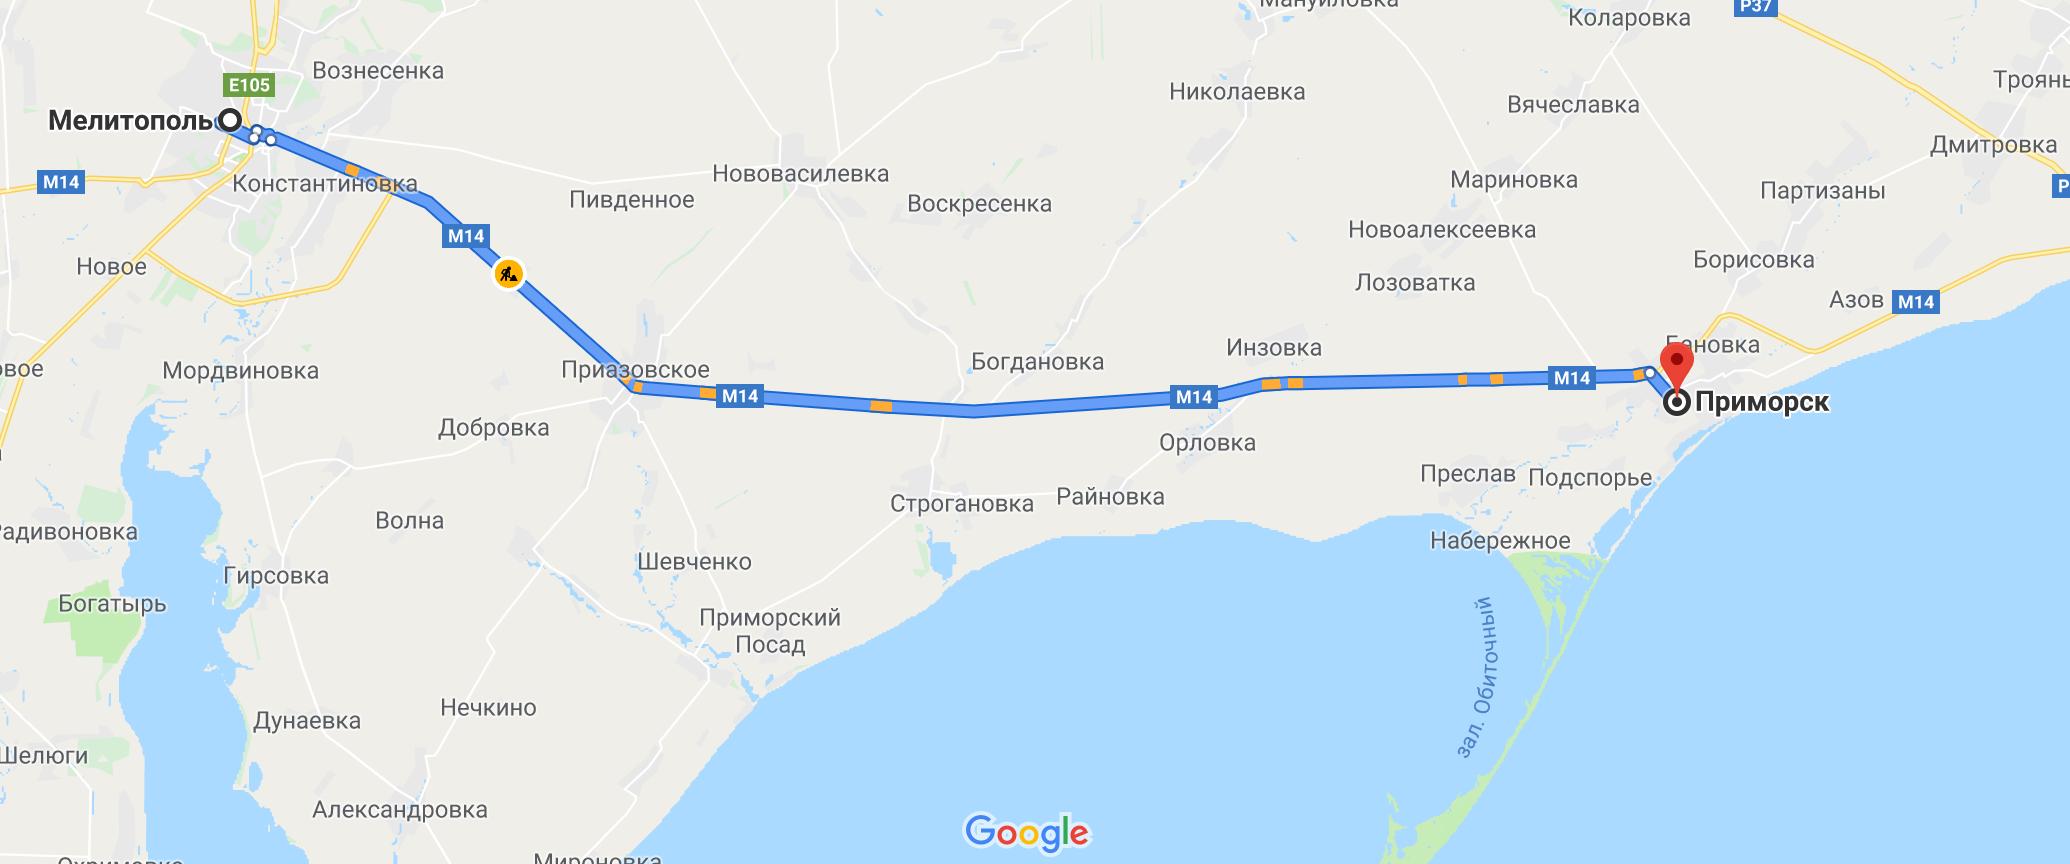 Как добраться до Приморска на авто из Мелитополя